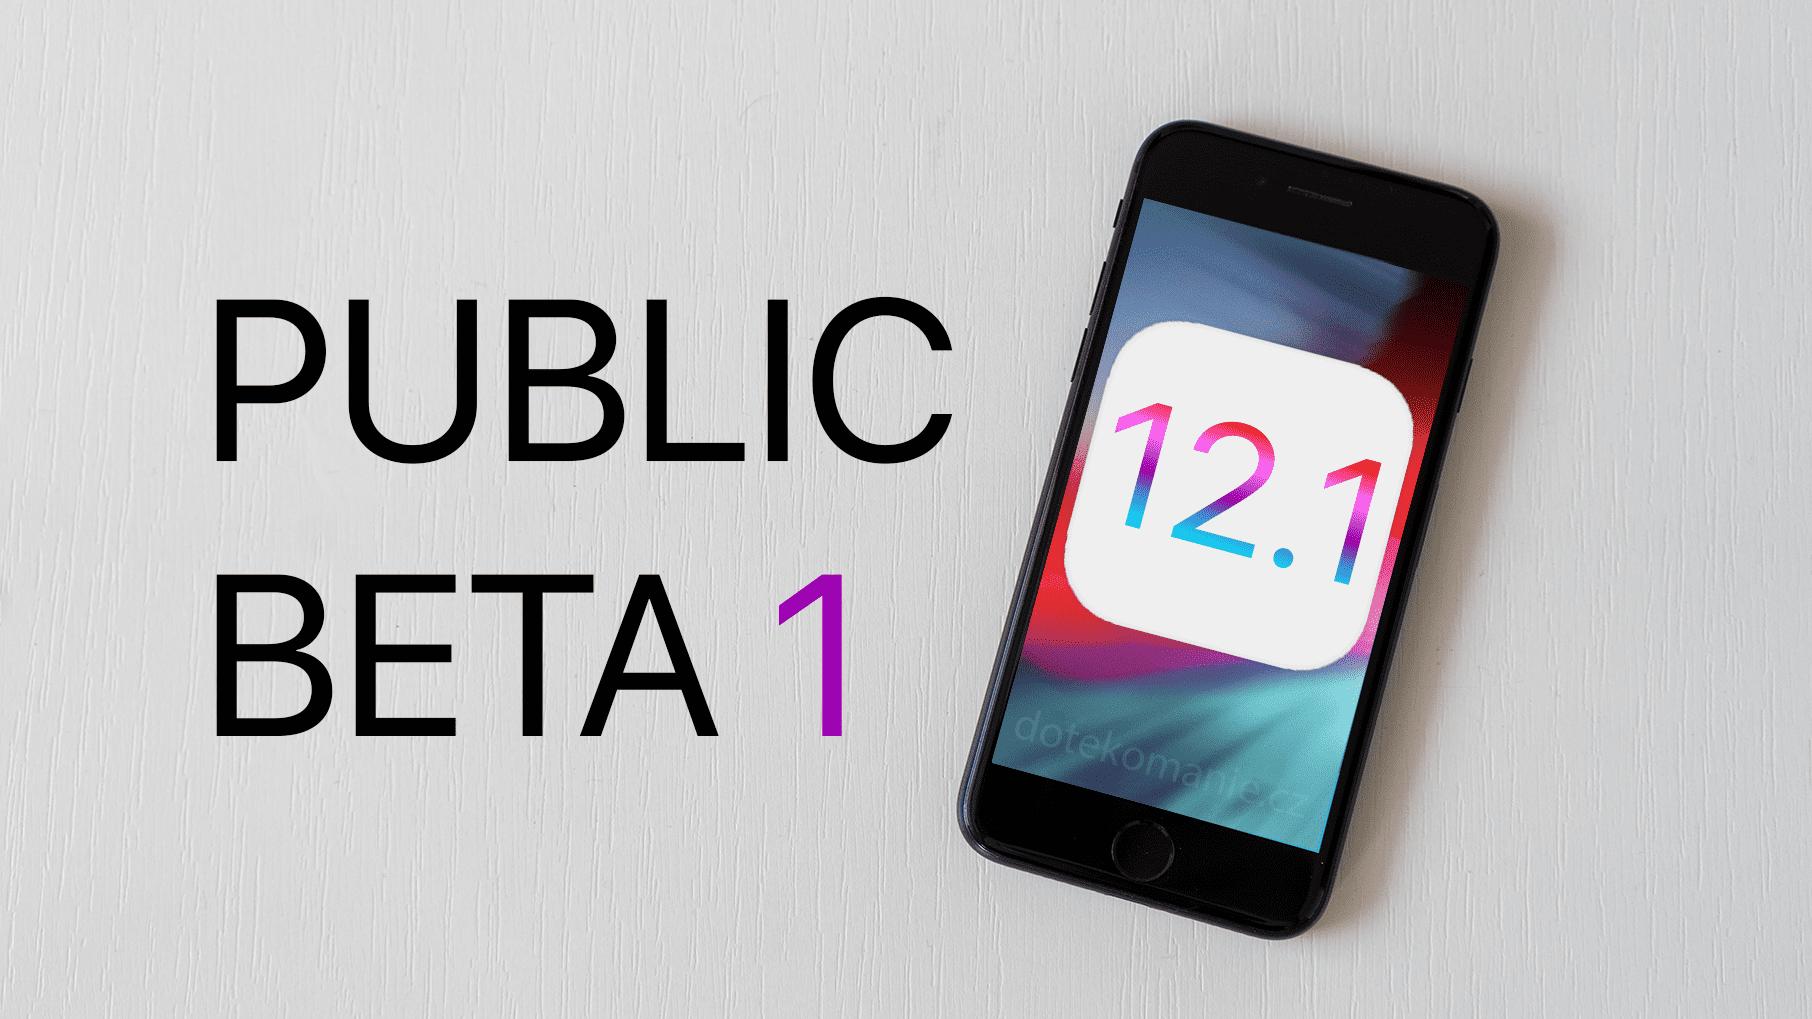 Apple vydal první veřejnou beta verzi iOS 12.1 [aktualizováno]